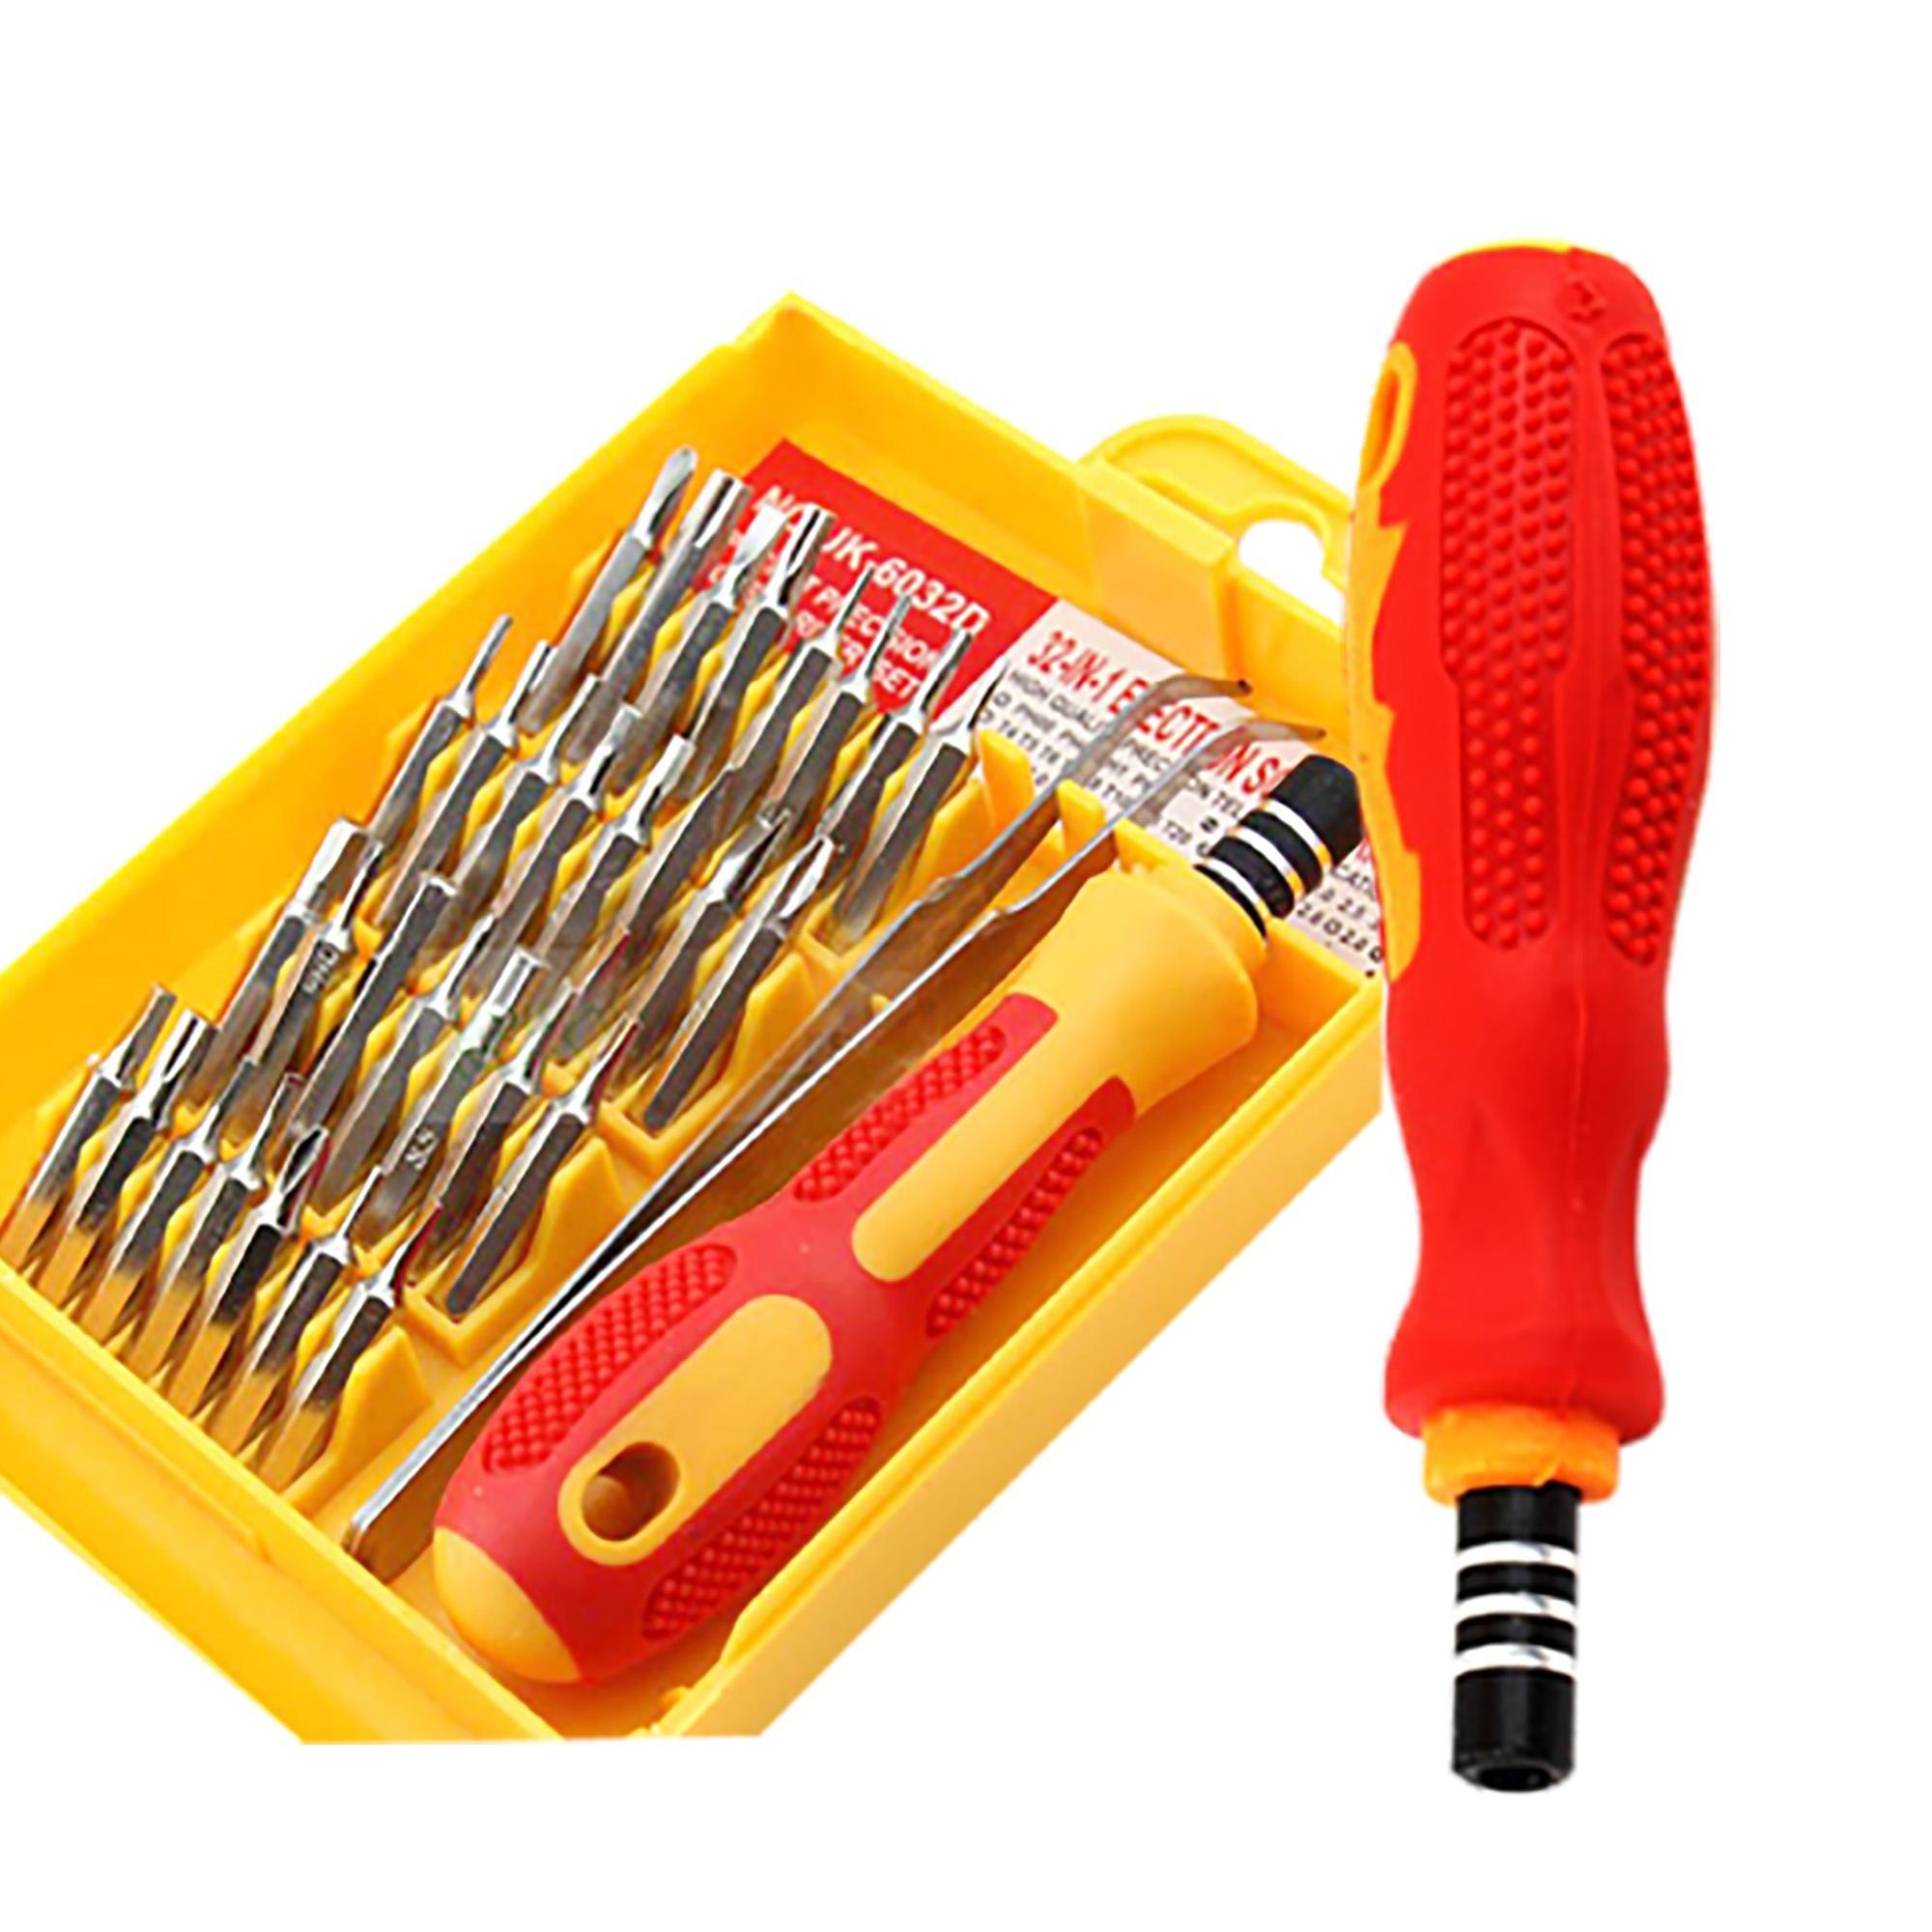 32 in 1 Multi Purpose Magnetic Presicion Repair Tool Box